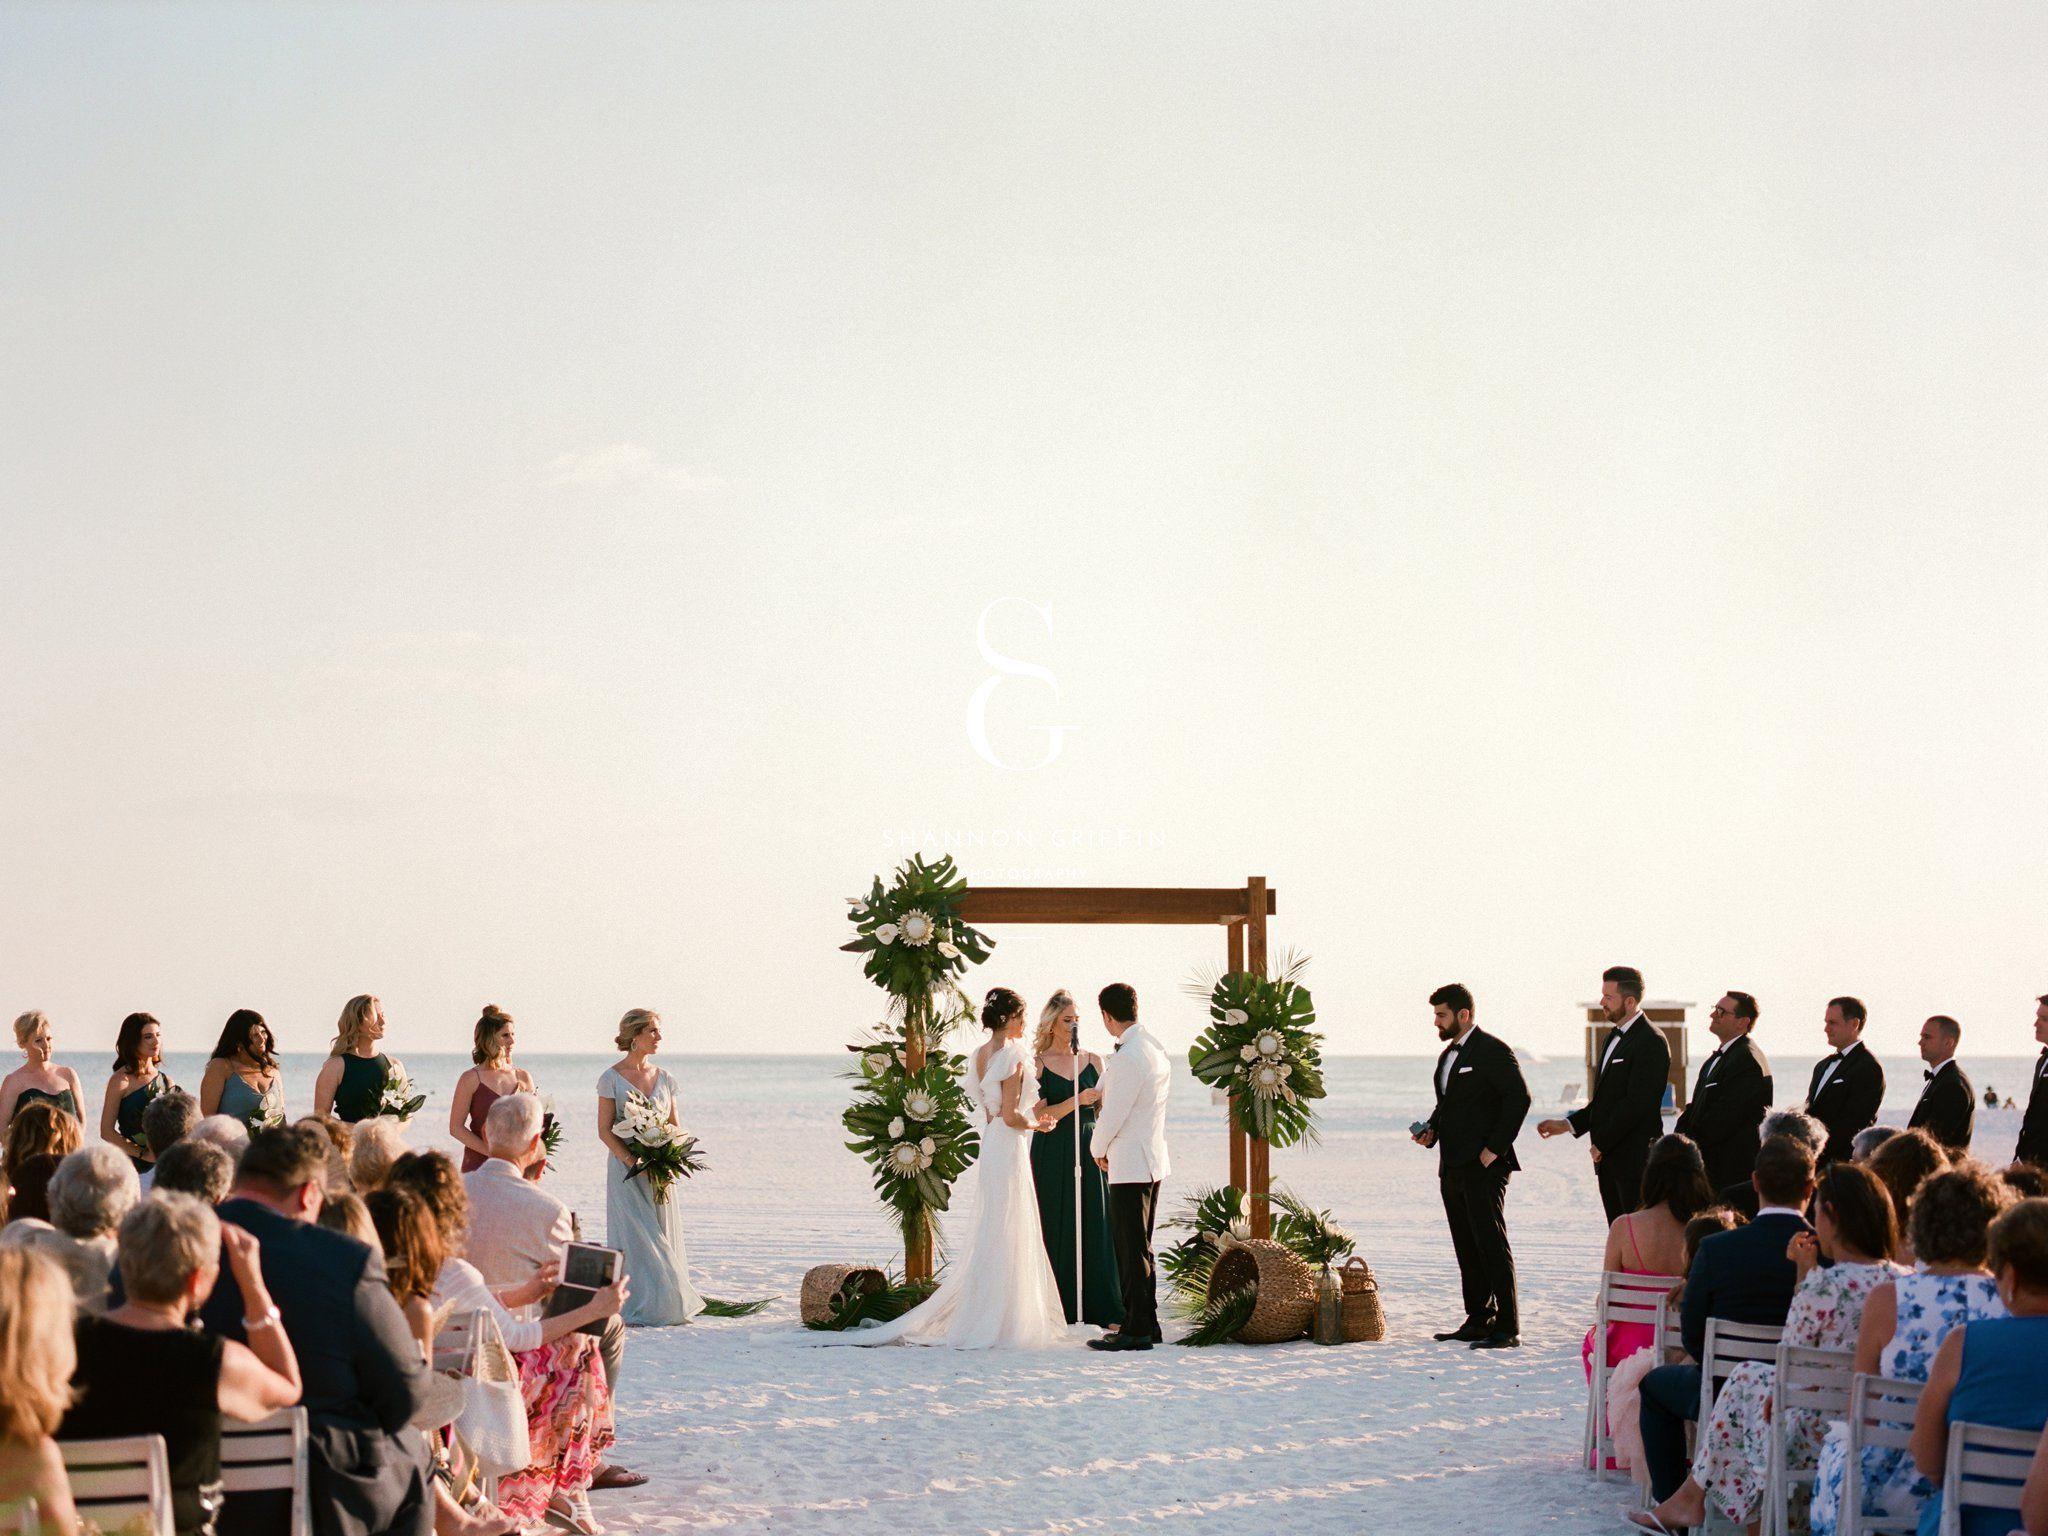 Modern Tropical Jw Marriott Wedding Marco Island Wedding Florida Destination Wedding Venues Island Weddings